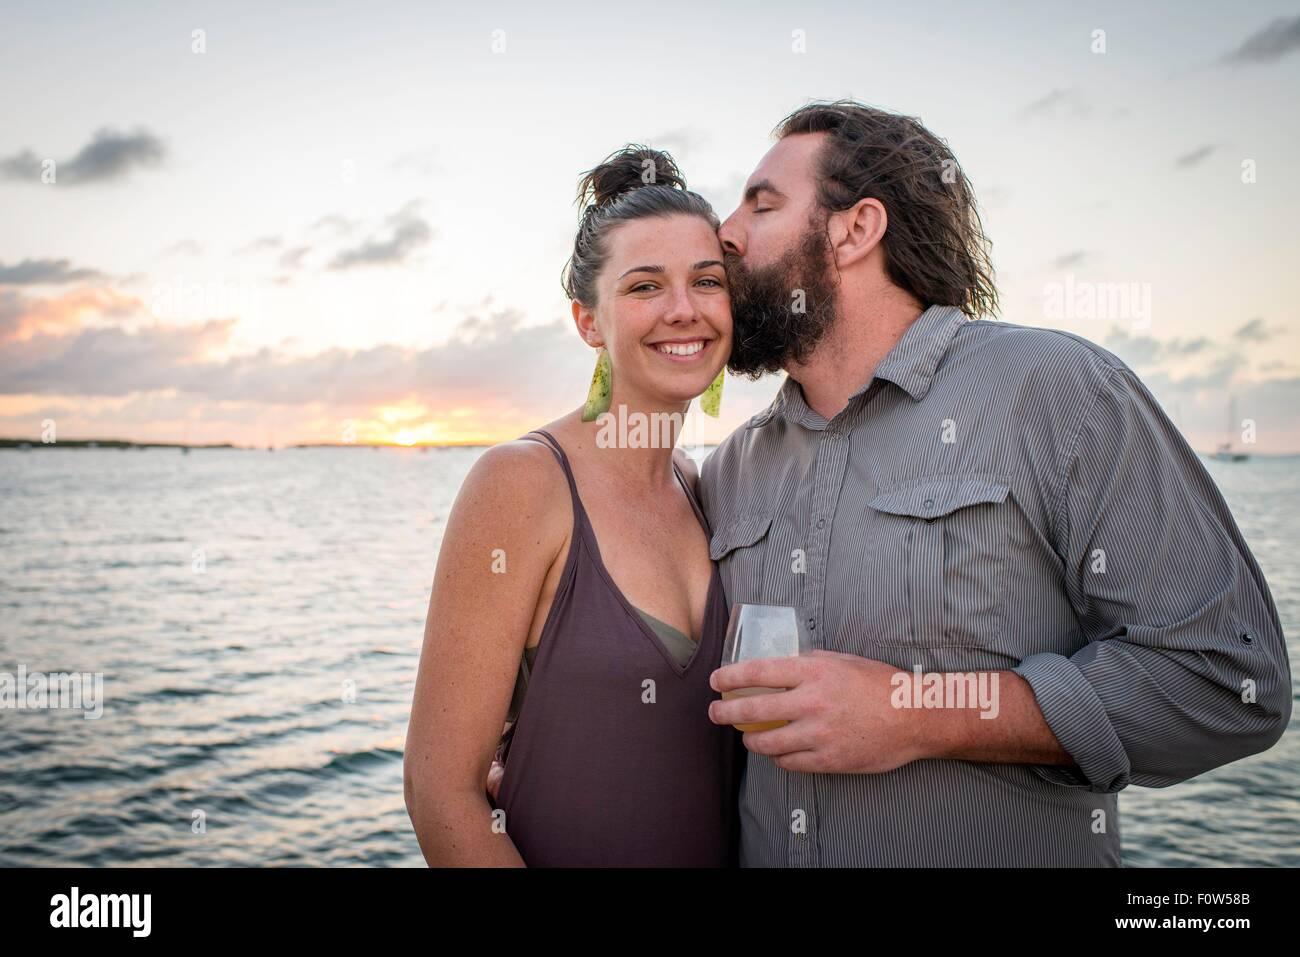 Hombre bese a la novia en la mejilla a costa, Islamorada, Florida, EE.UU. Imagen De Stock